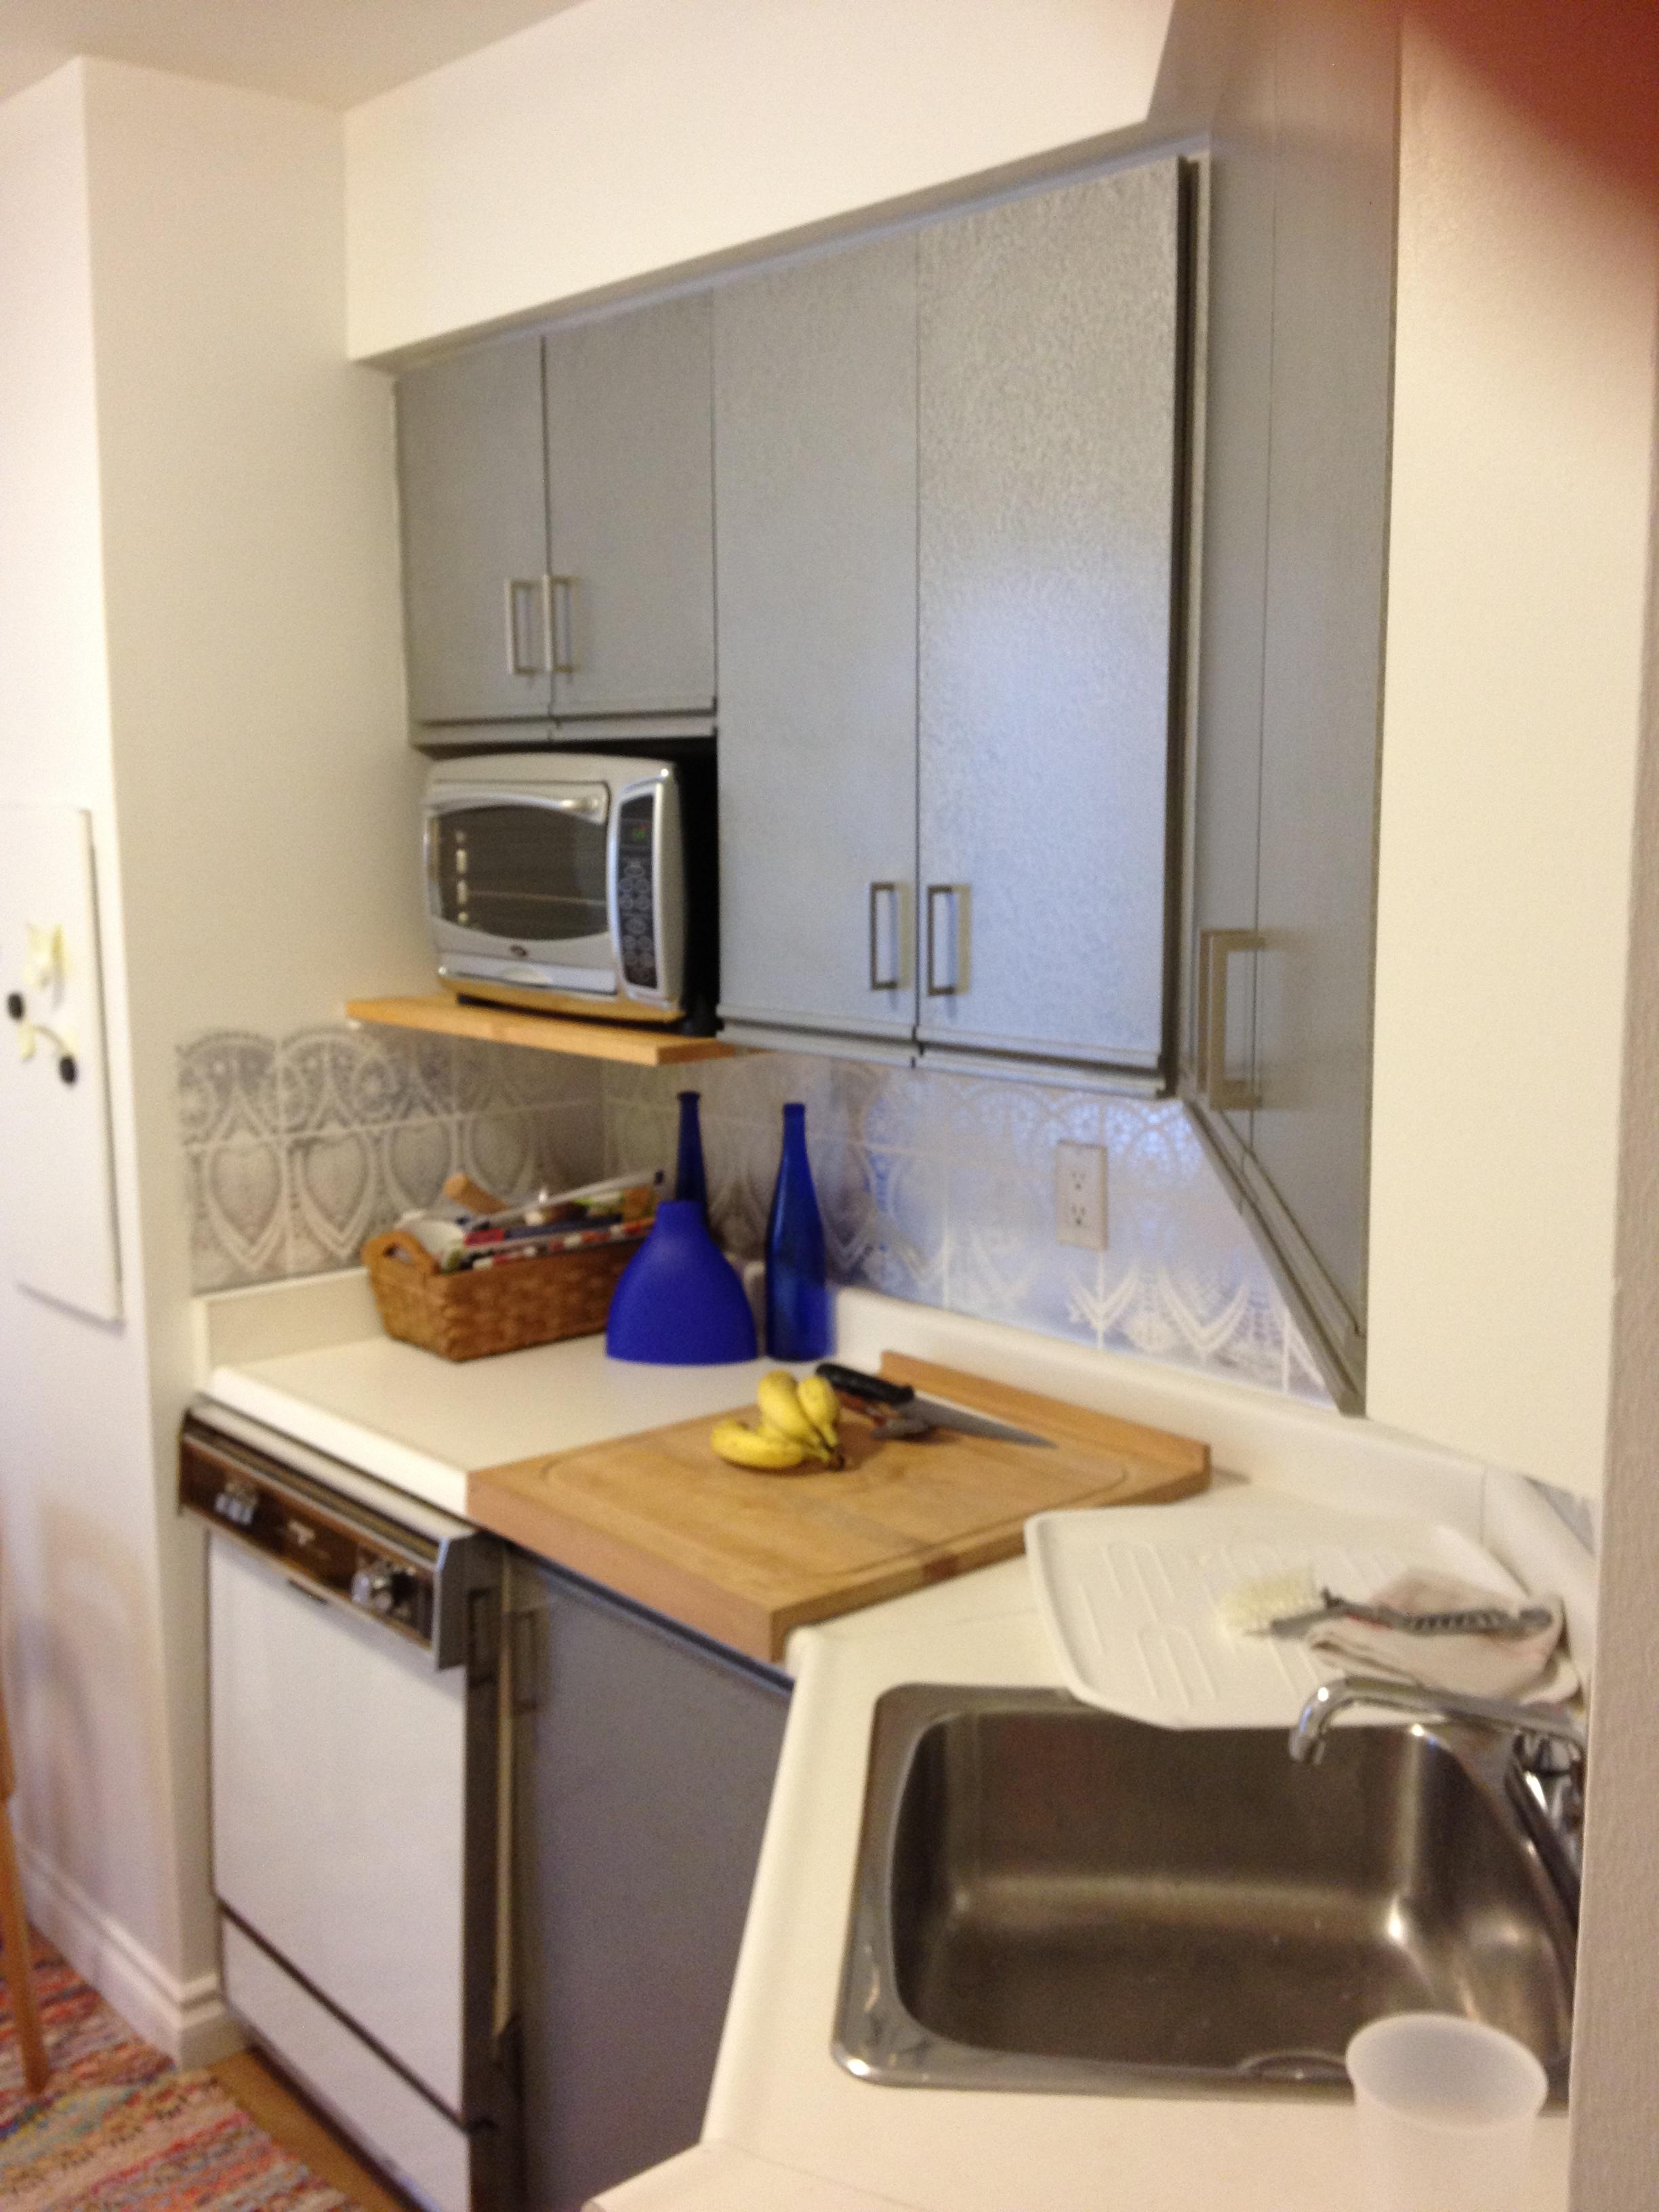 condo kitchen before 3.JPG